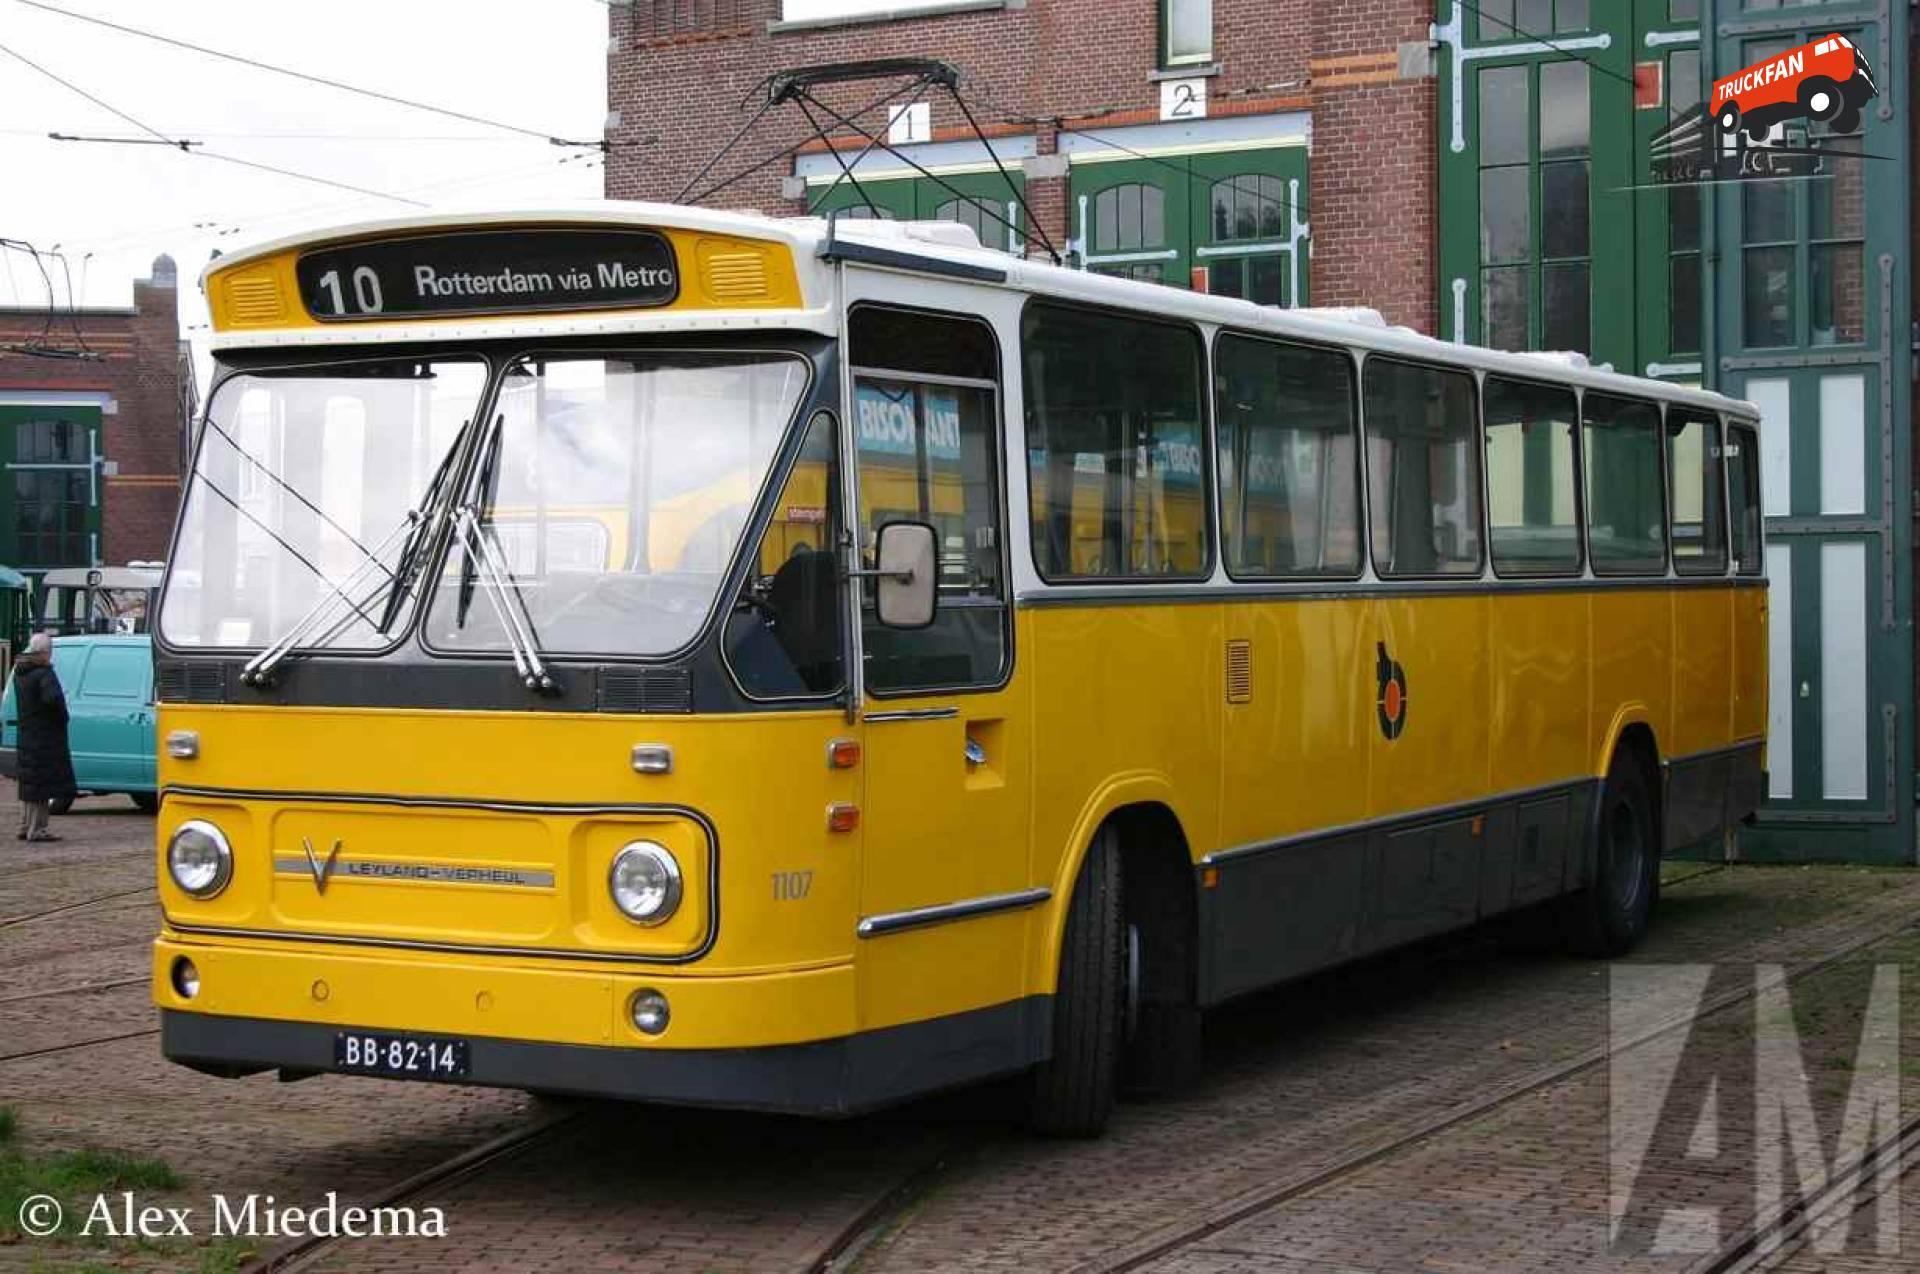 Verheul bus